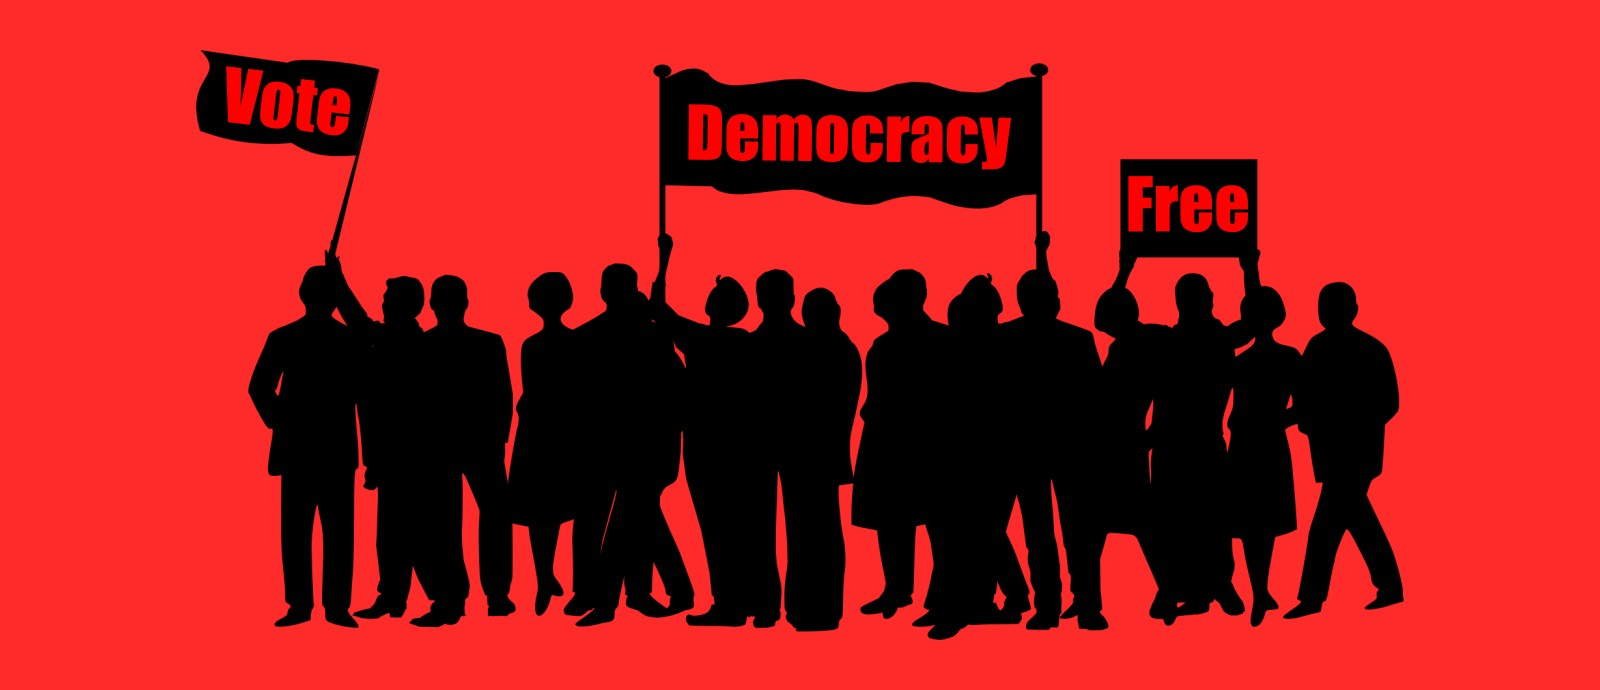 民主主義の平等性をアピールするポスター